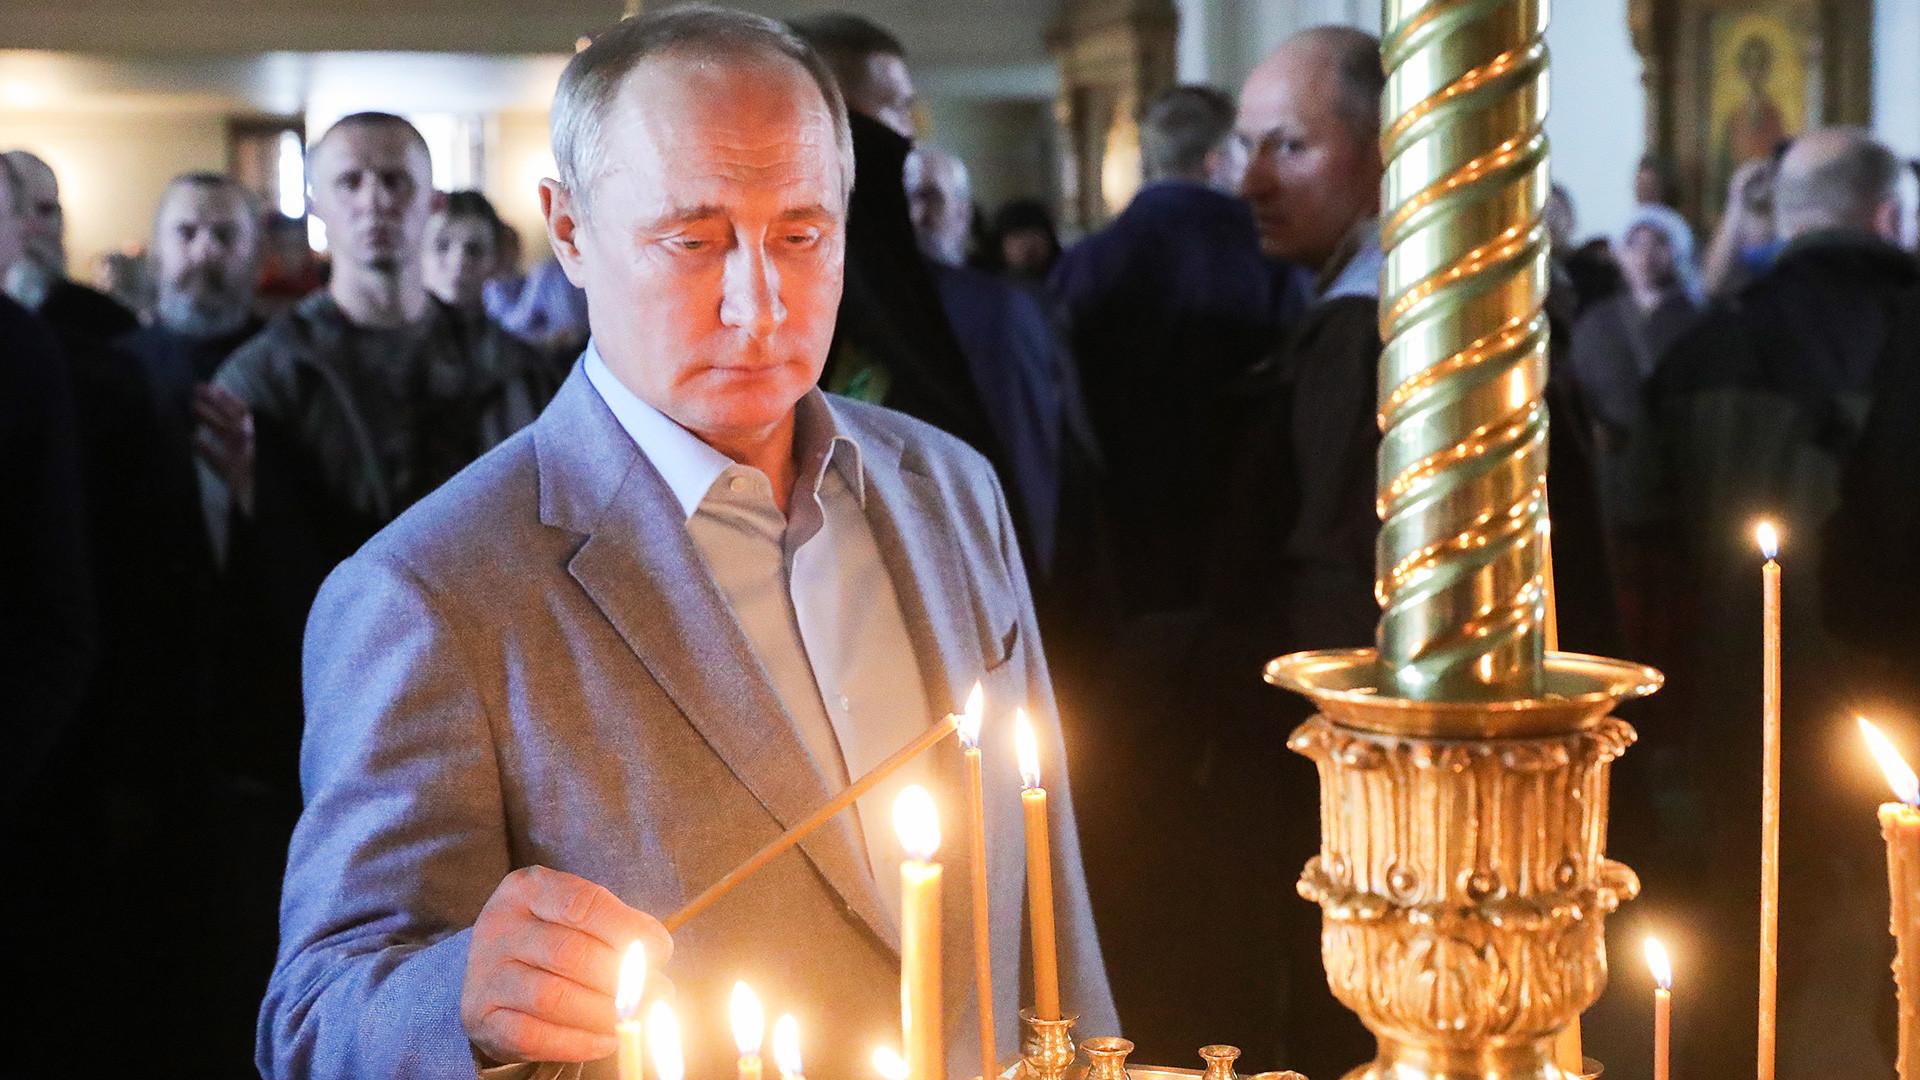 Le président russe Vladimir Poutine allume une bougie lors de sa visite au monastère de Valaam en Carélie (Nord-Ouest de la Russie), 2019